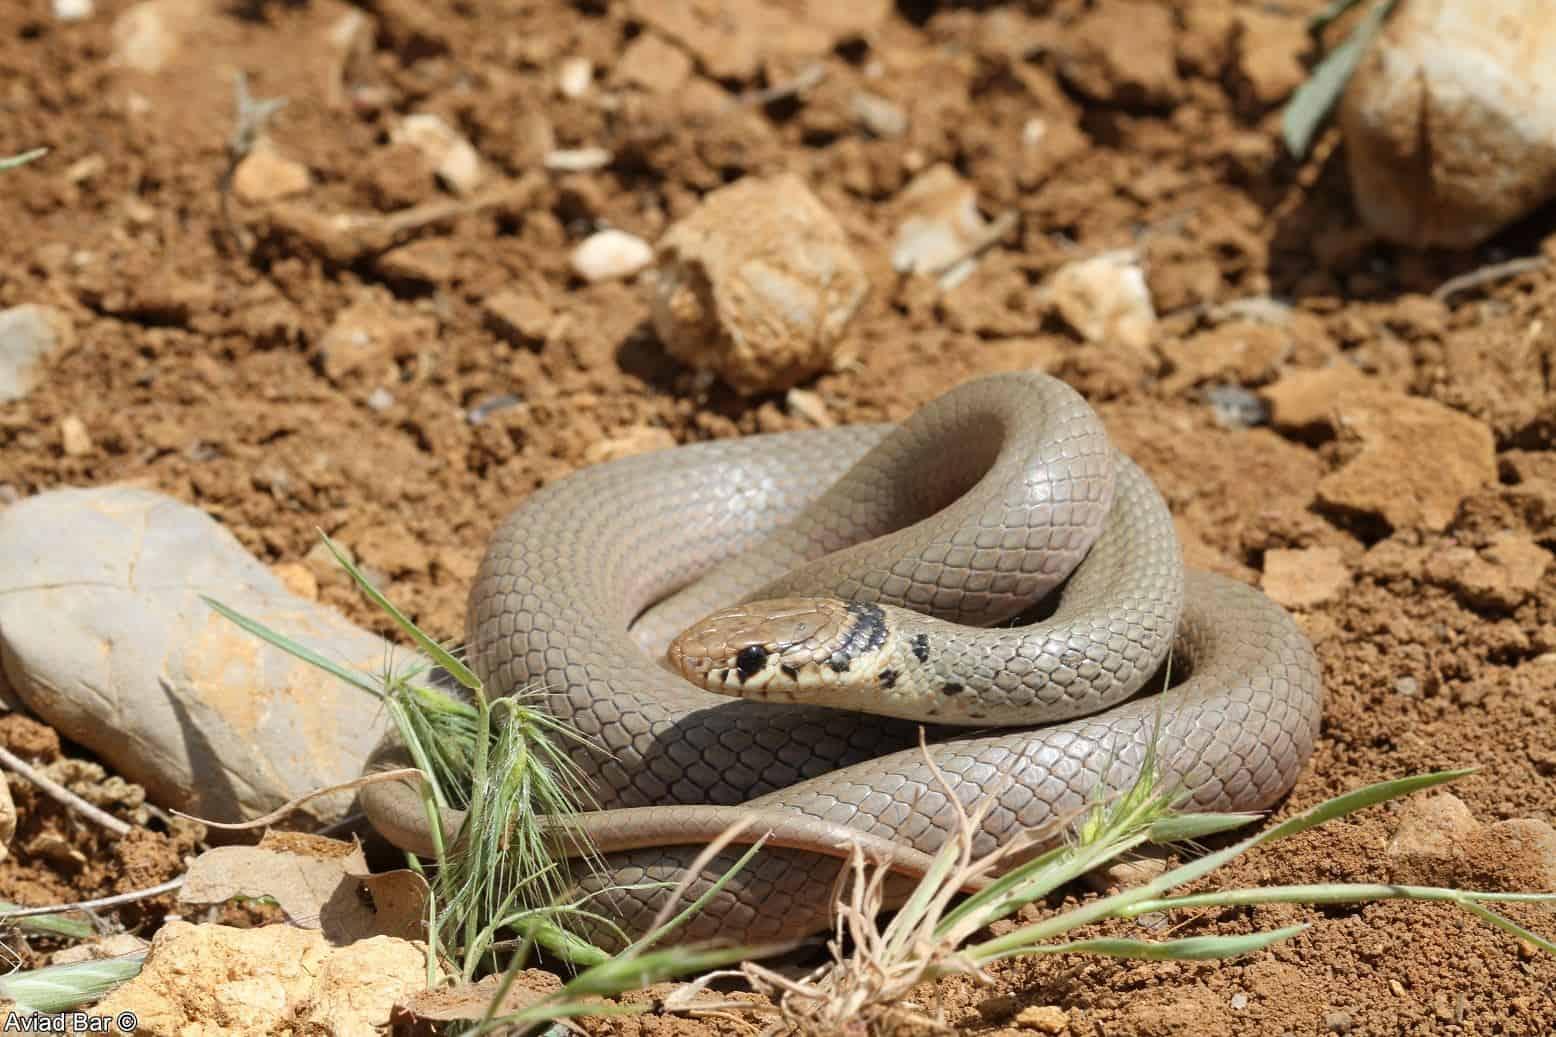 לא כולם רעים: הנחשים שלא מהווים סכנה לסביבה